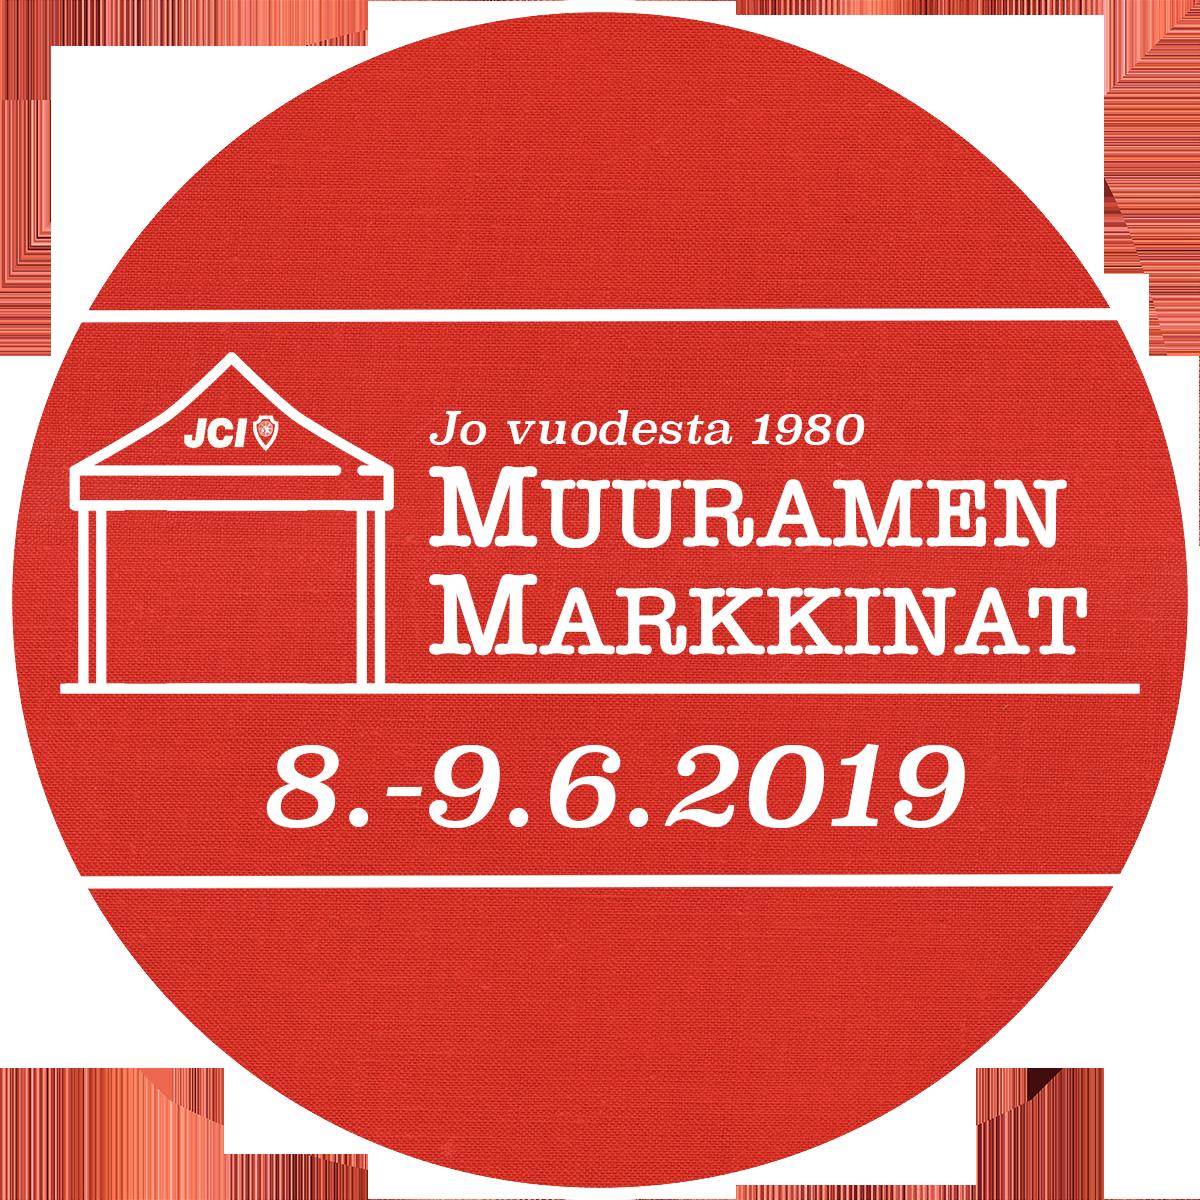 Muuramen Markkinat 2019